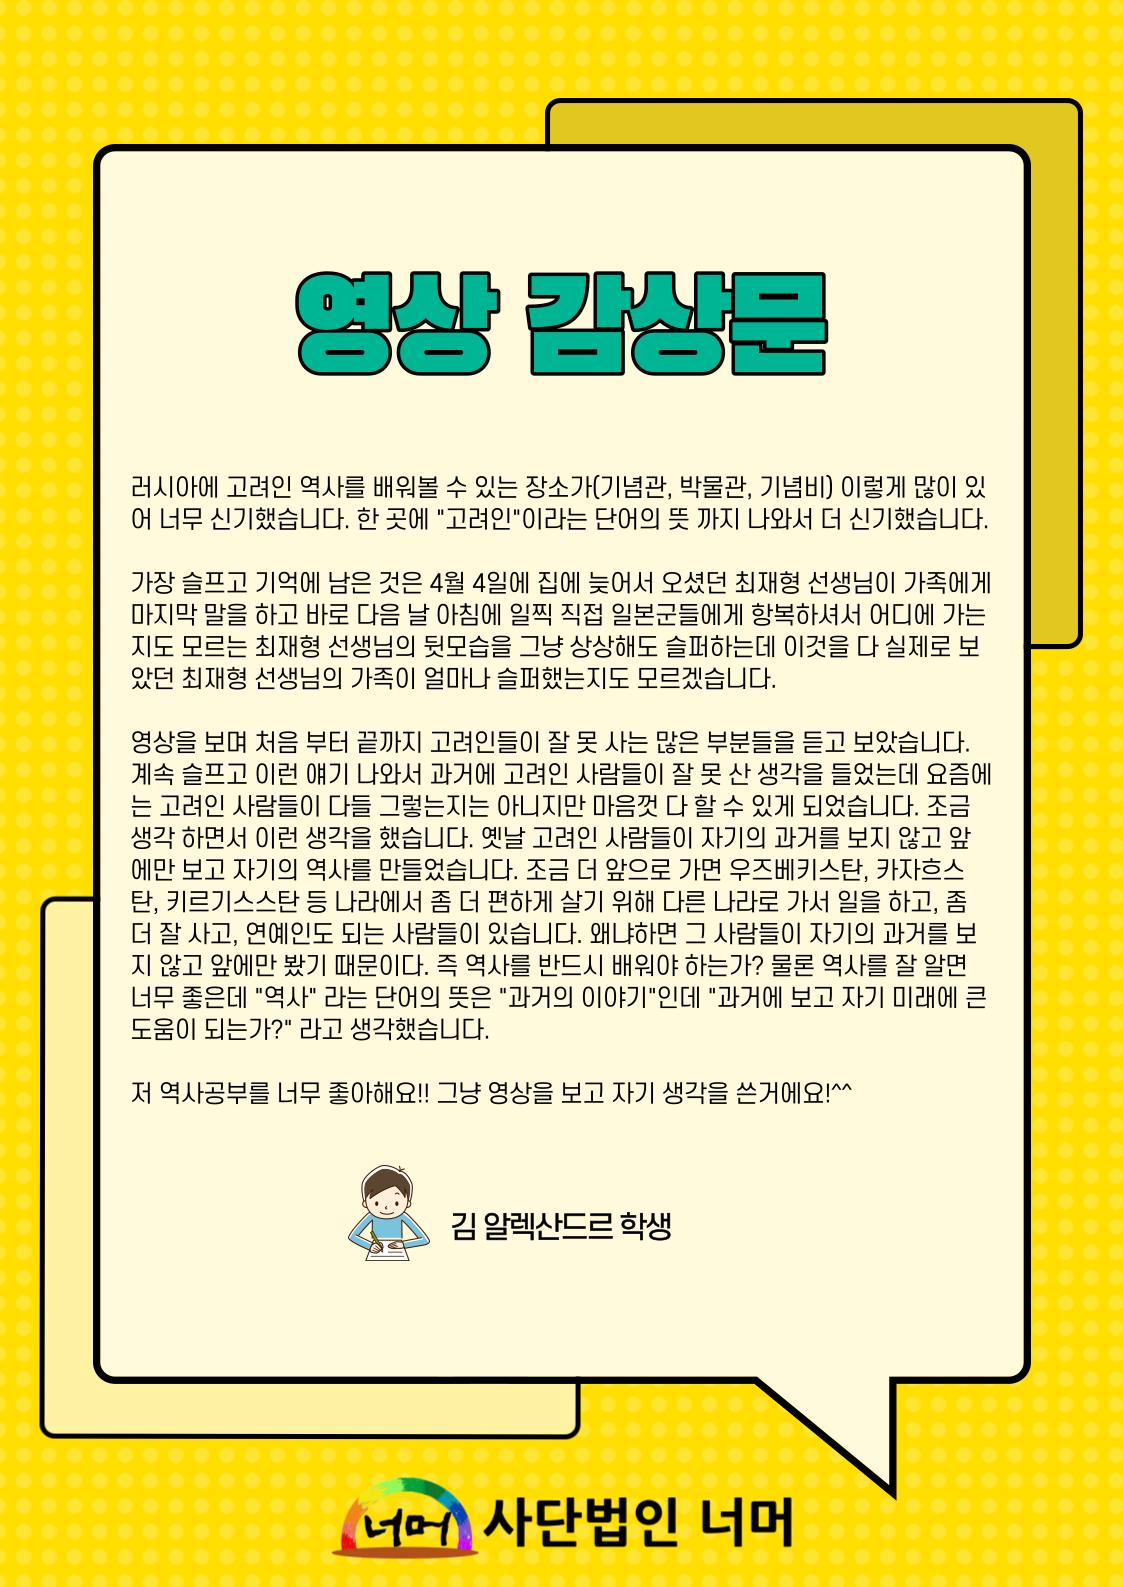 2020.05.20-감상문-1.png